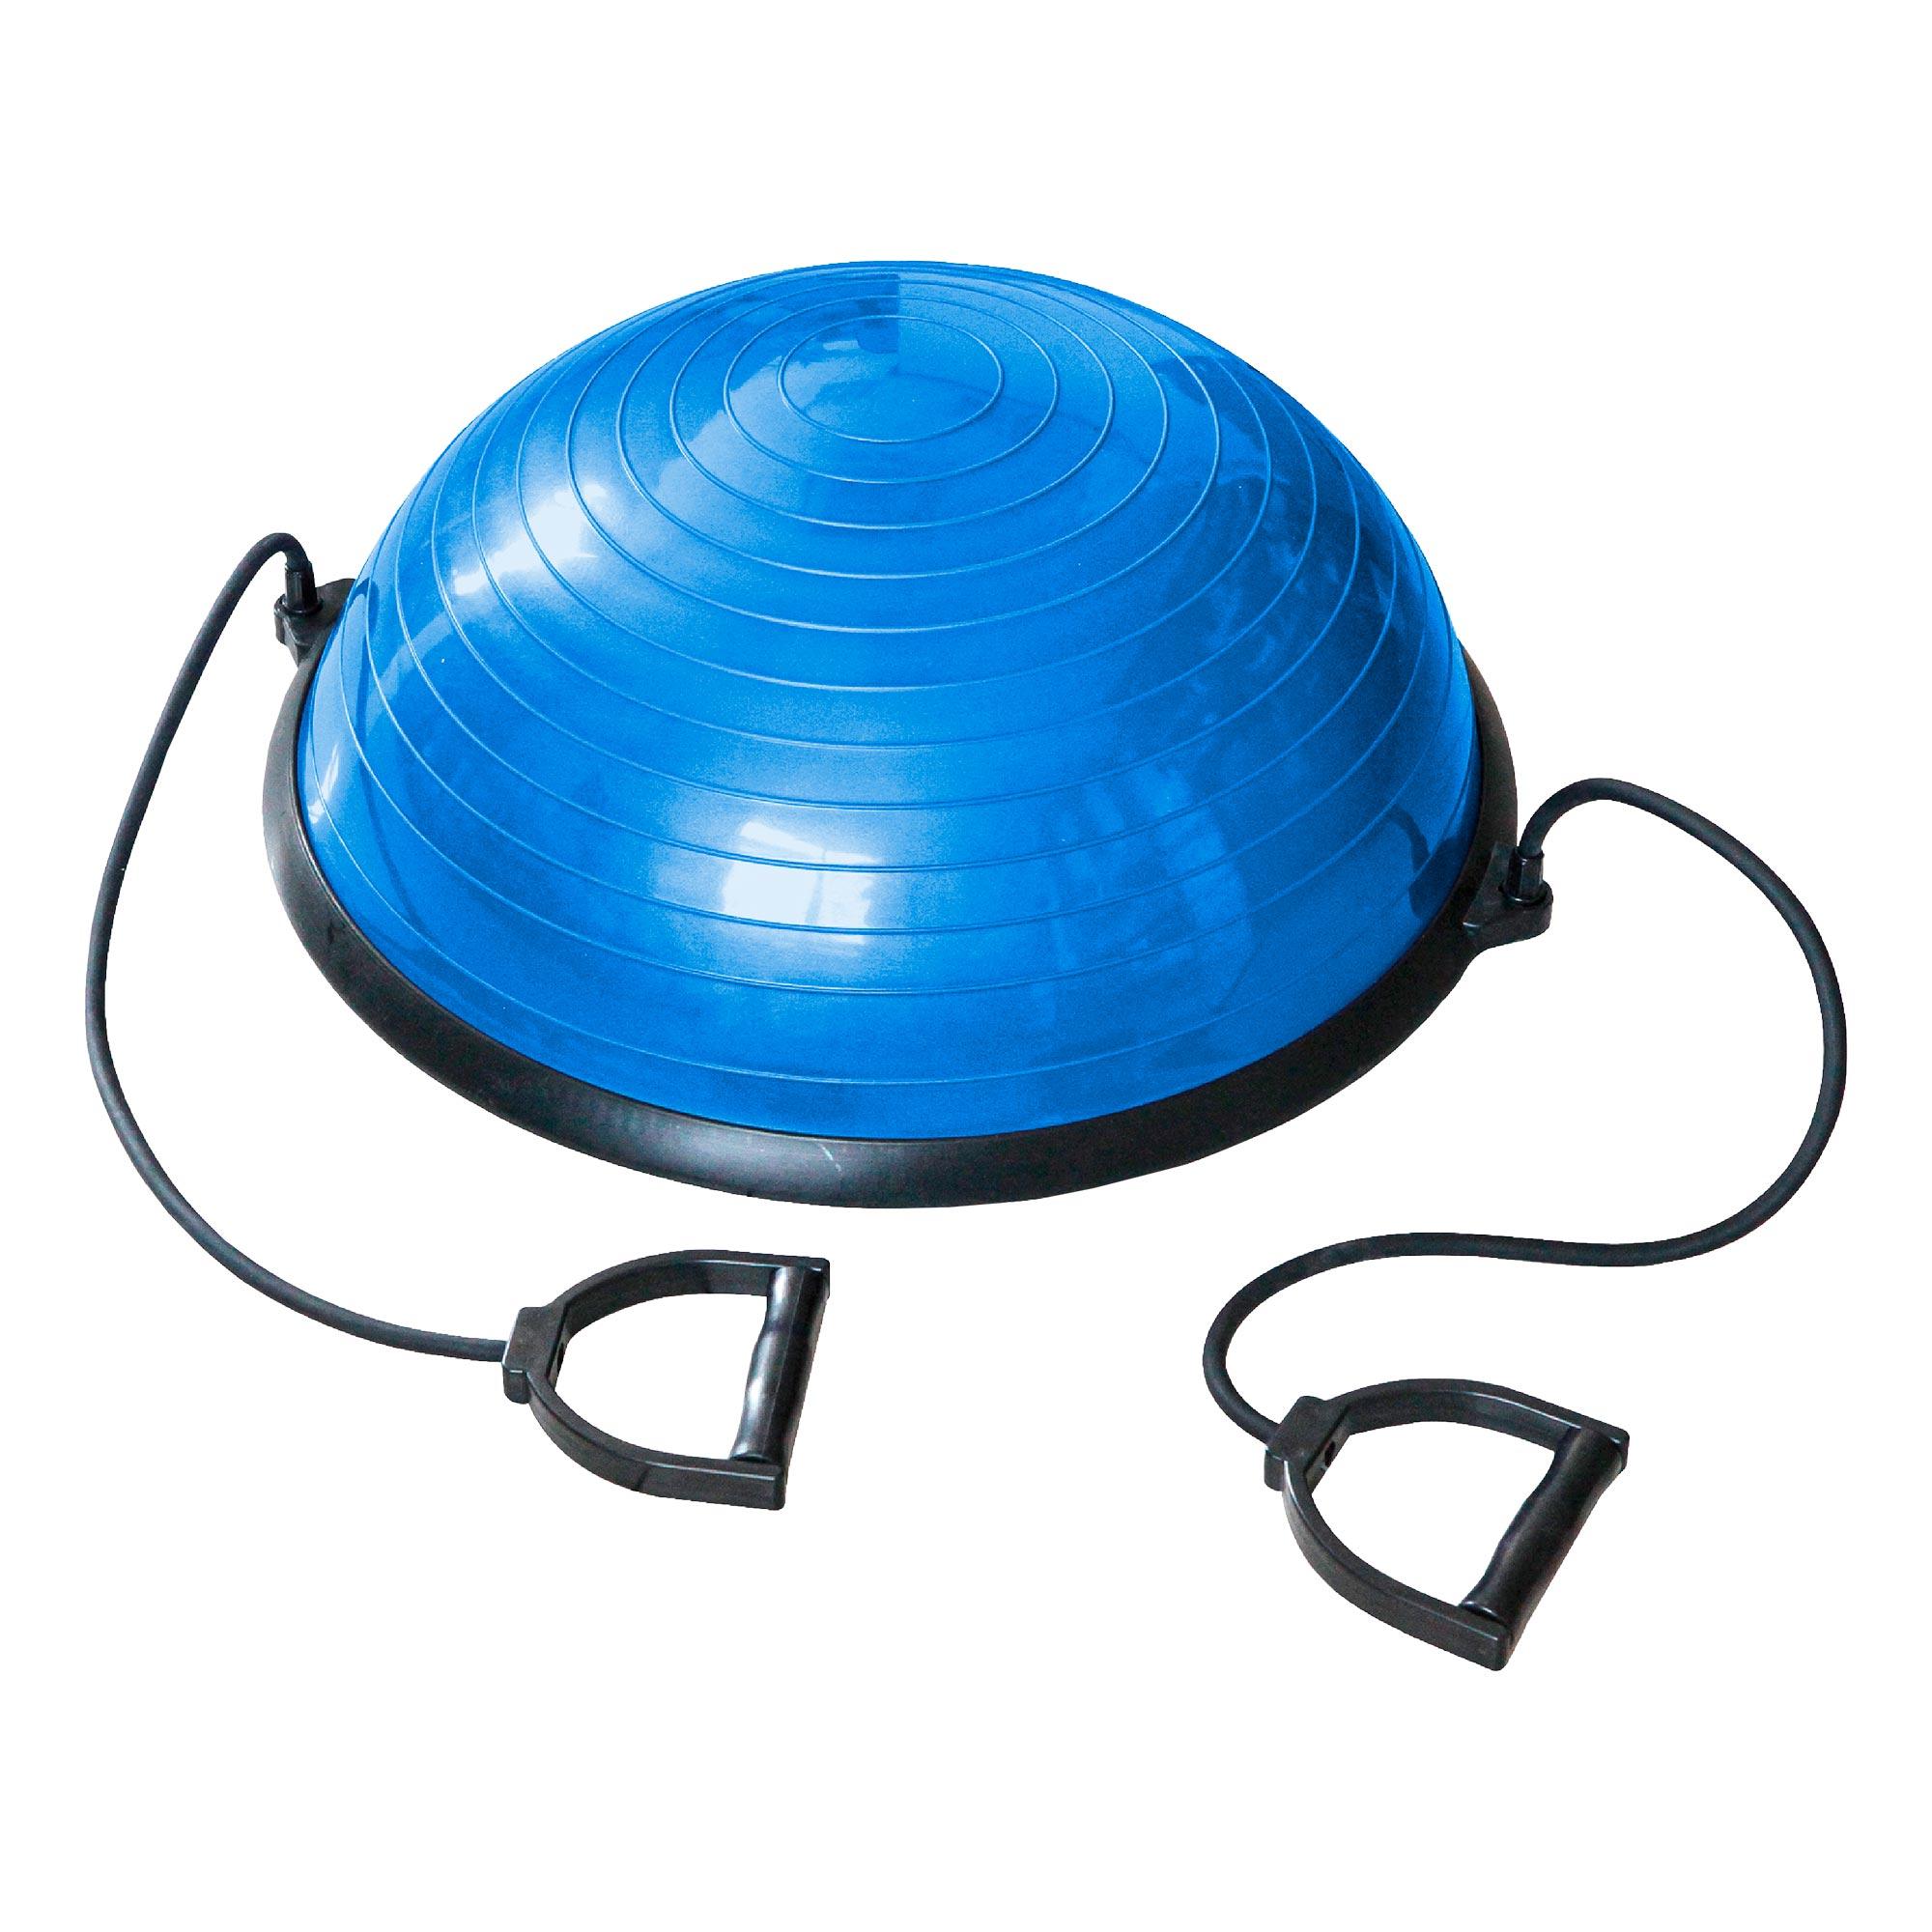 Bosu Ball de Equilíbrio com Alças e Bomba de Ar 58x25cm 09102